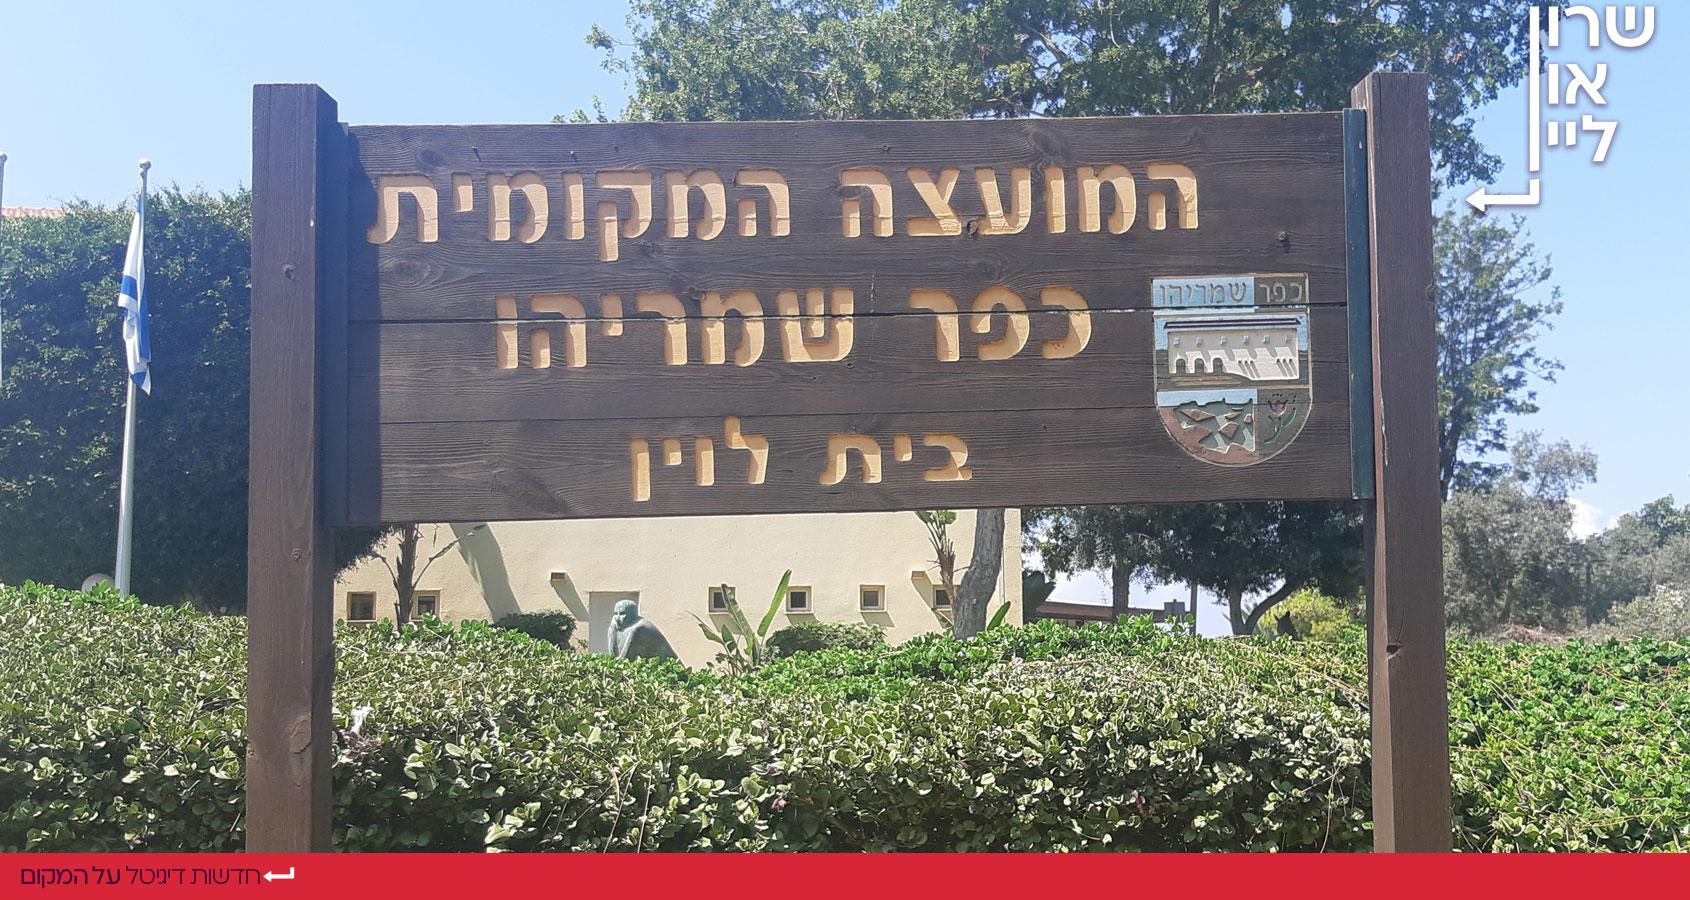 שלט: המועצה המקומית כפר שמריהו